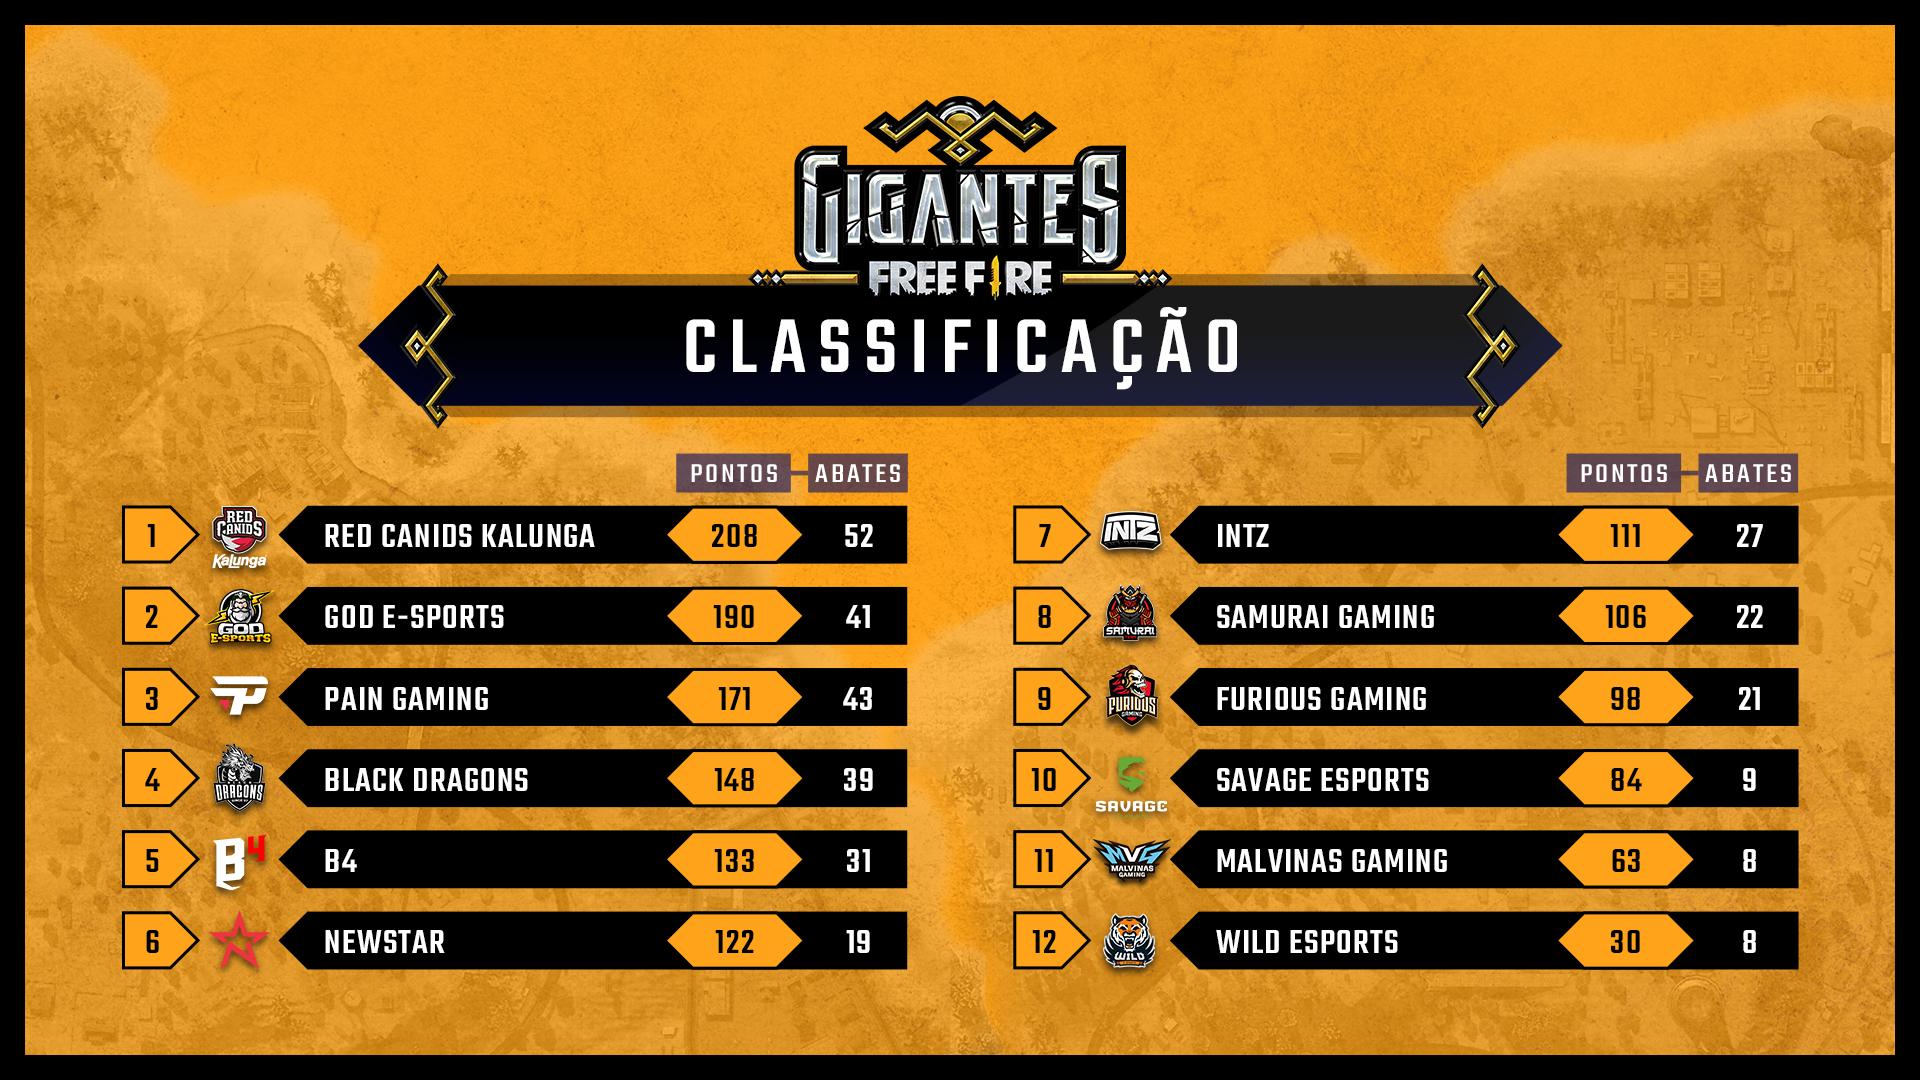 RED Canids Kalunga é o campeão do Gigantes Free Fire